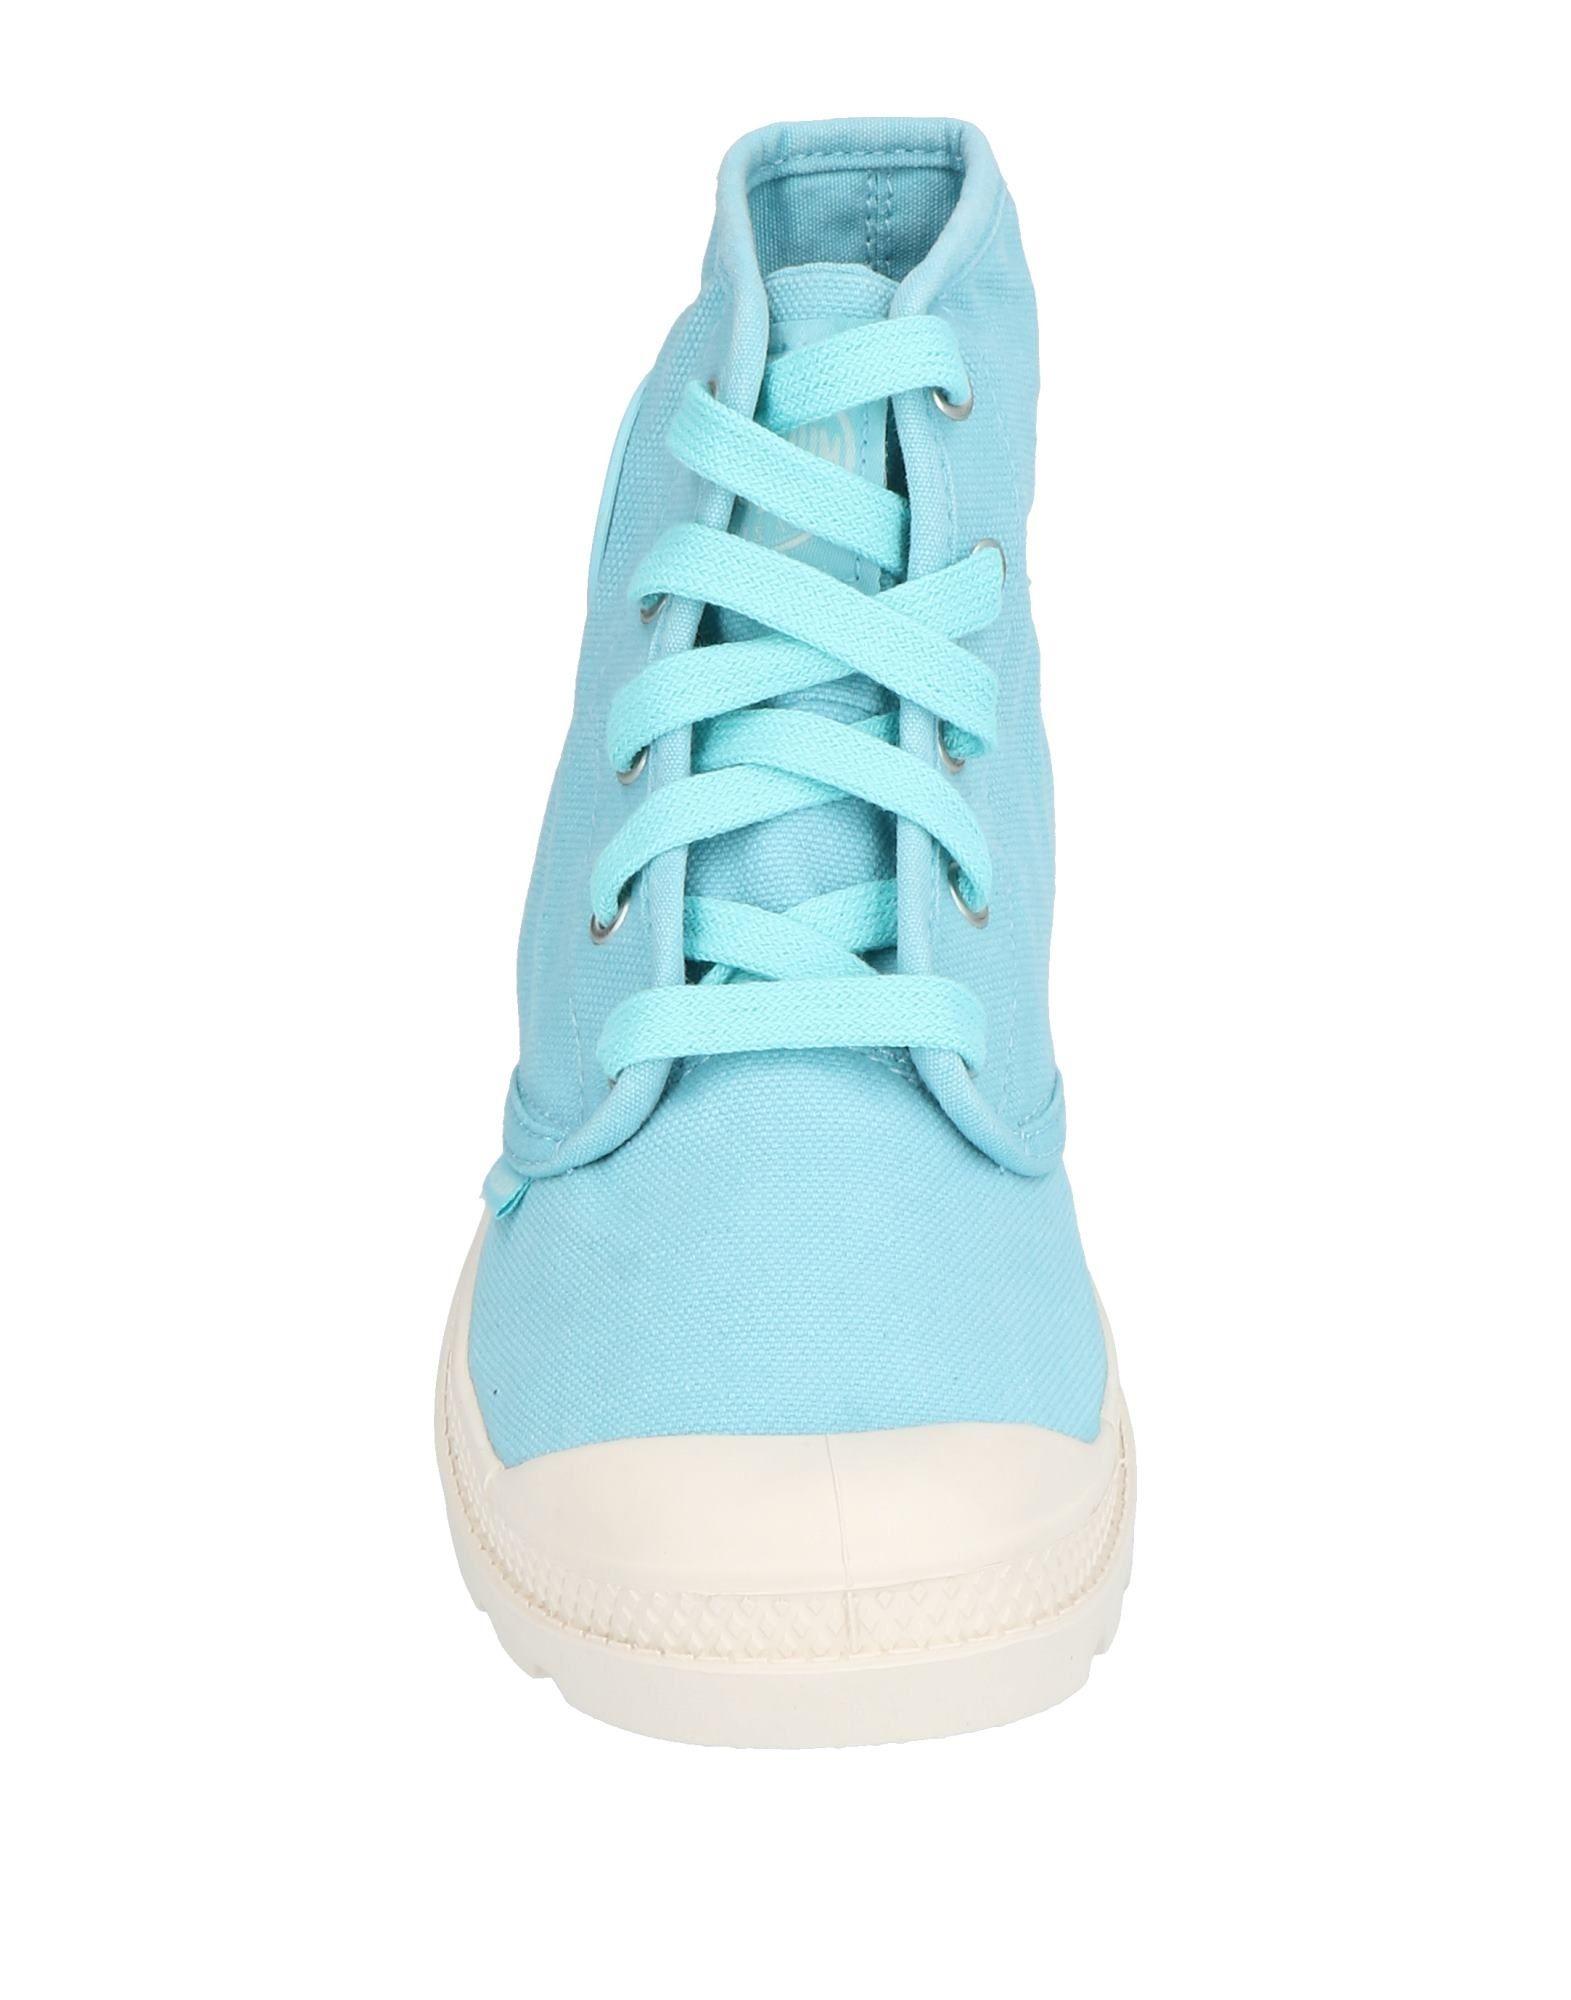 Palladium Sneakers Damen   Damen 11433778IM  b5e458